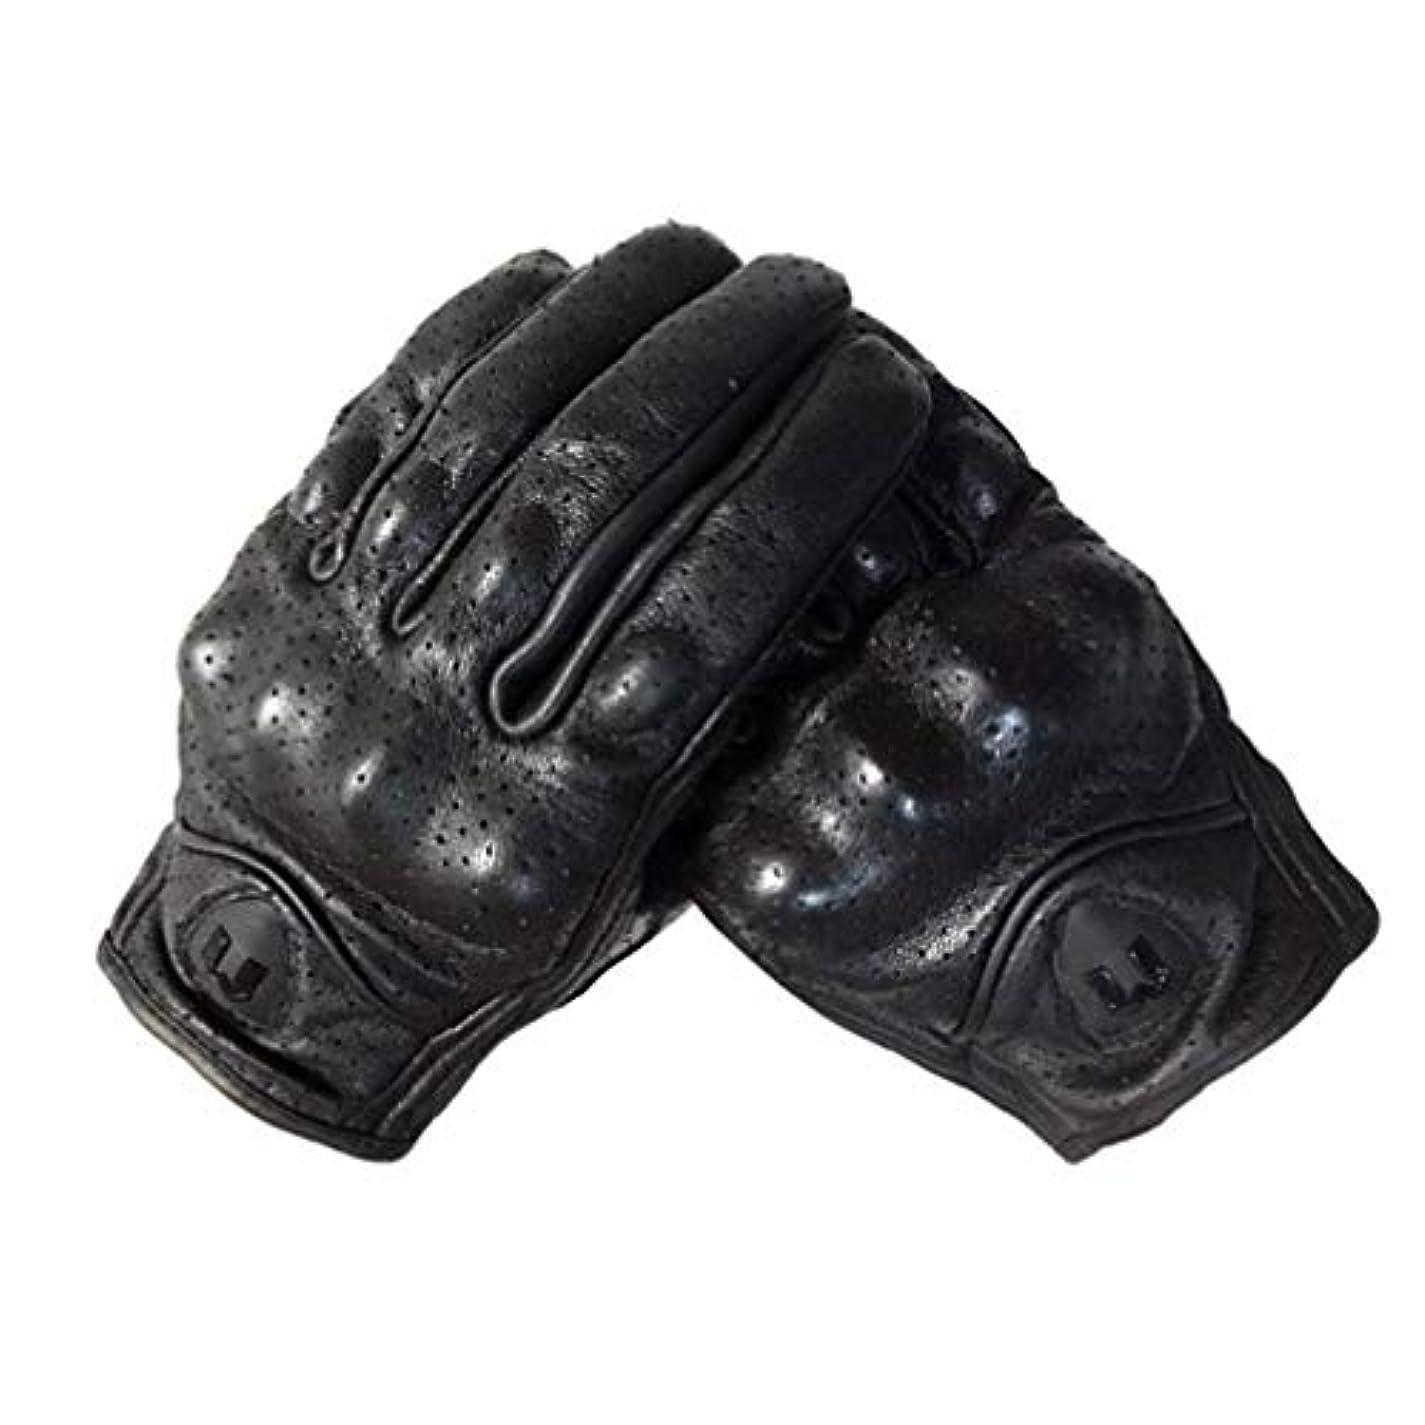 疑い者終わったポジションLIOOBO 冬革手袋フルフィンガーサイクリング手袋オートバイの手袋運転手袋タッチスクリーン手袋男性用女性